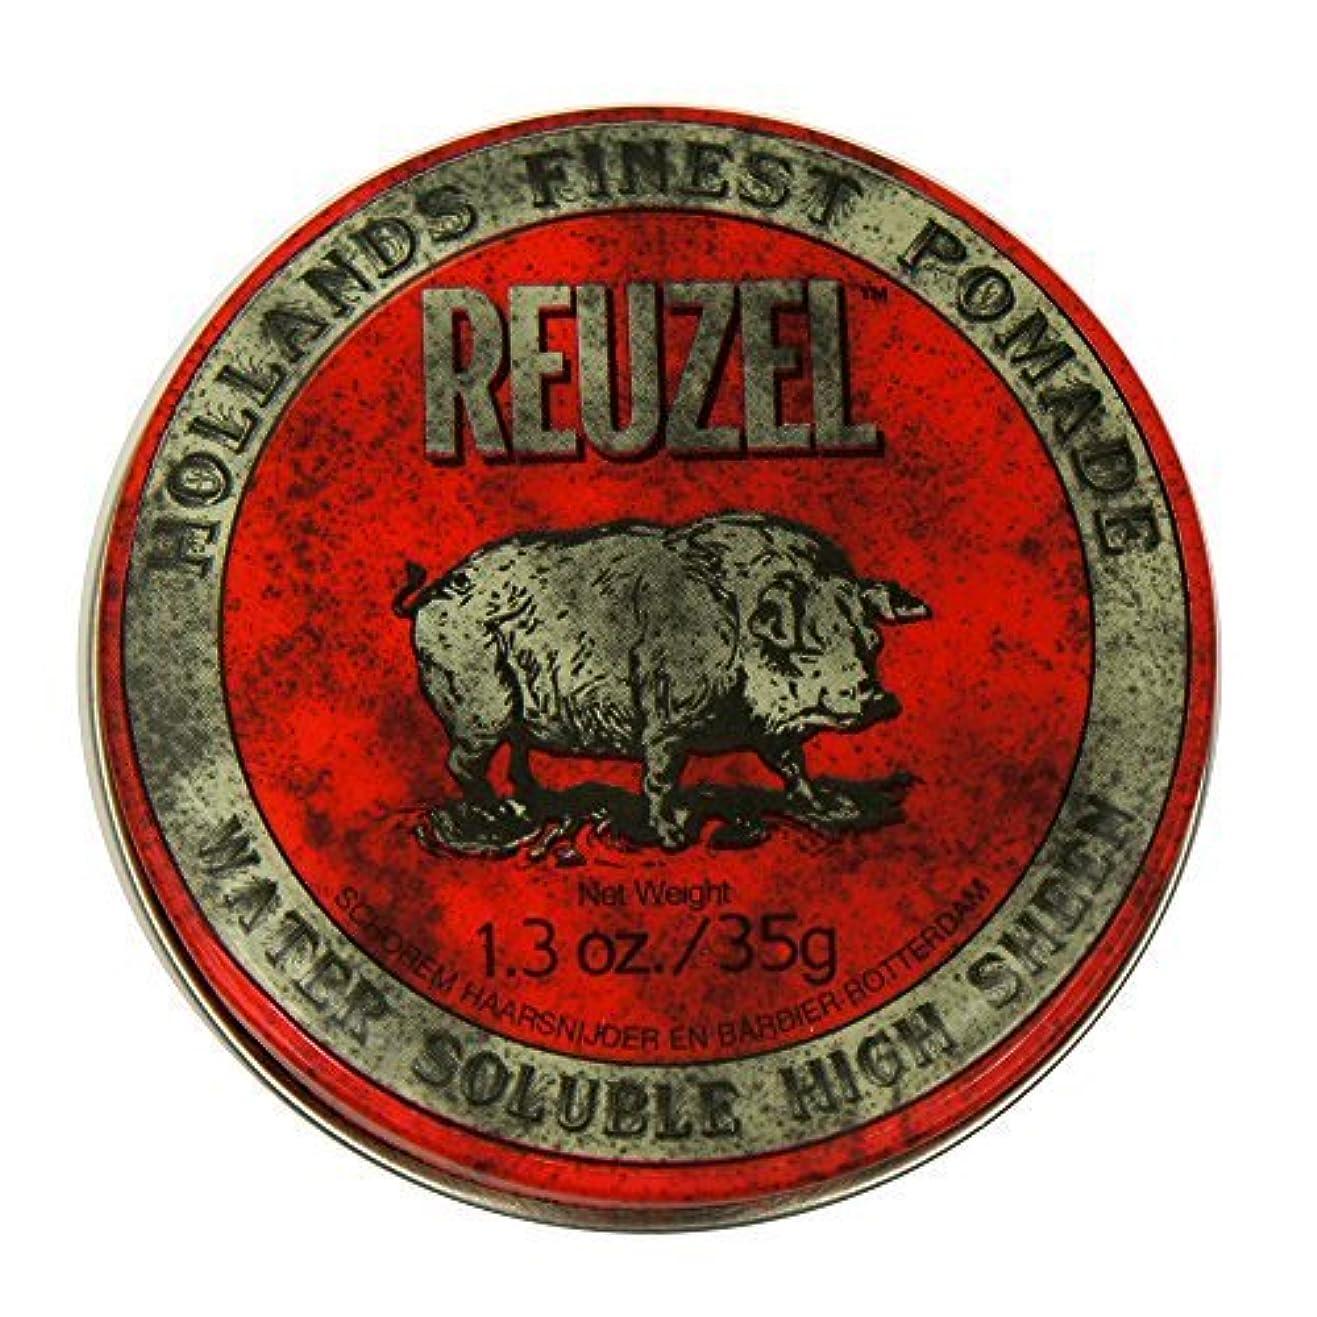 暴力そこ囲むReuzel Red Hair Pomade Piglet 1.3oz [並行輸入品]